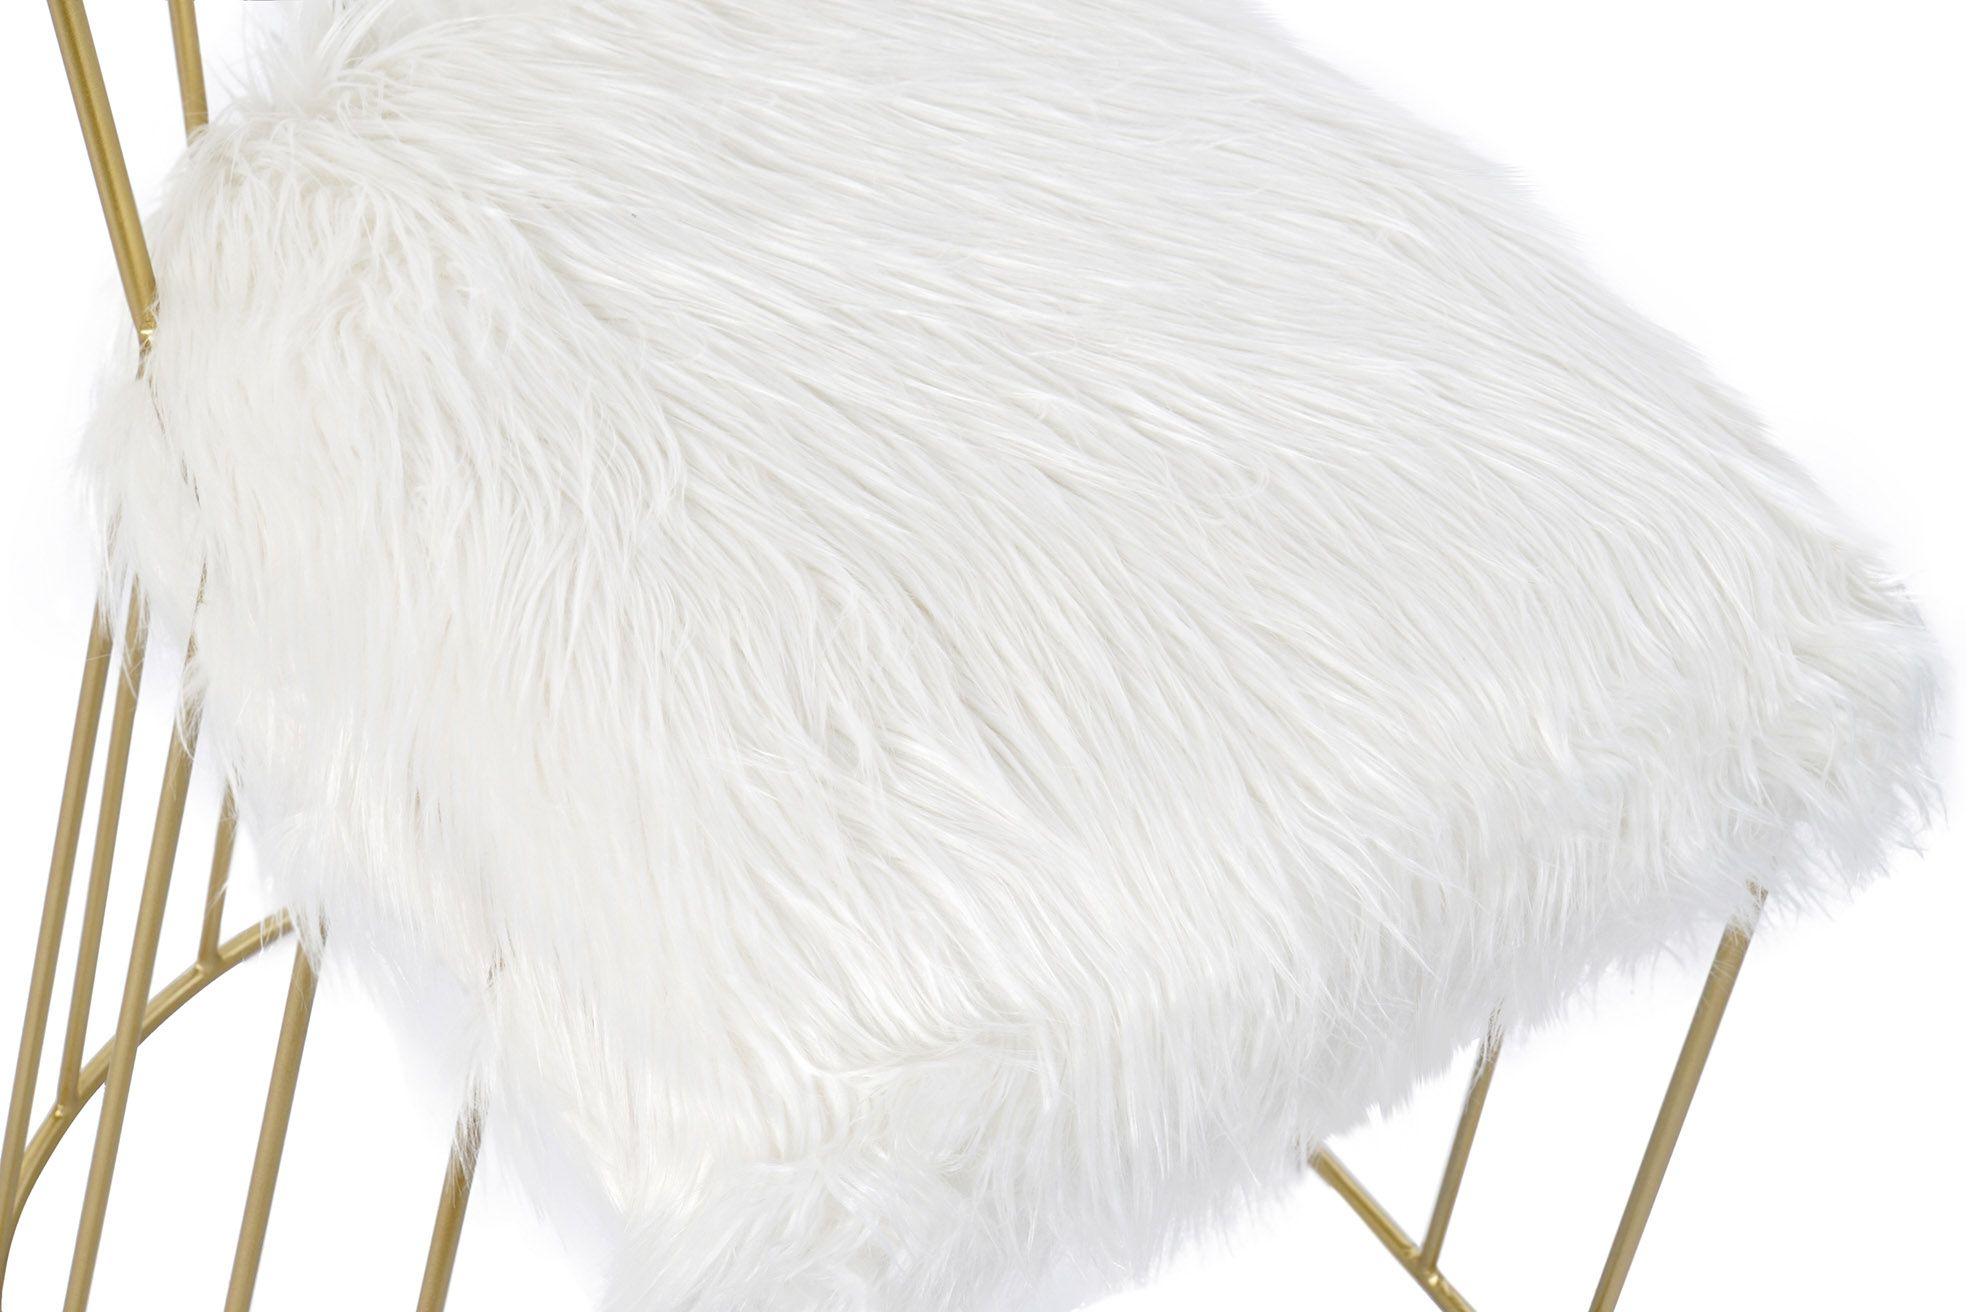 31921-descalzadora-chic-oro-pelo-blanco-1.jpg